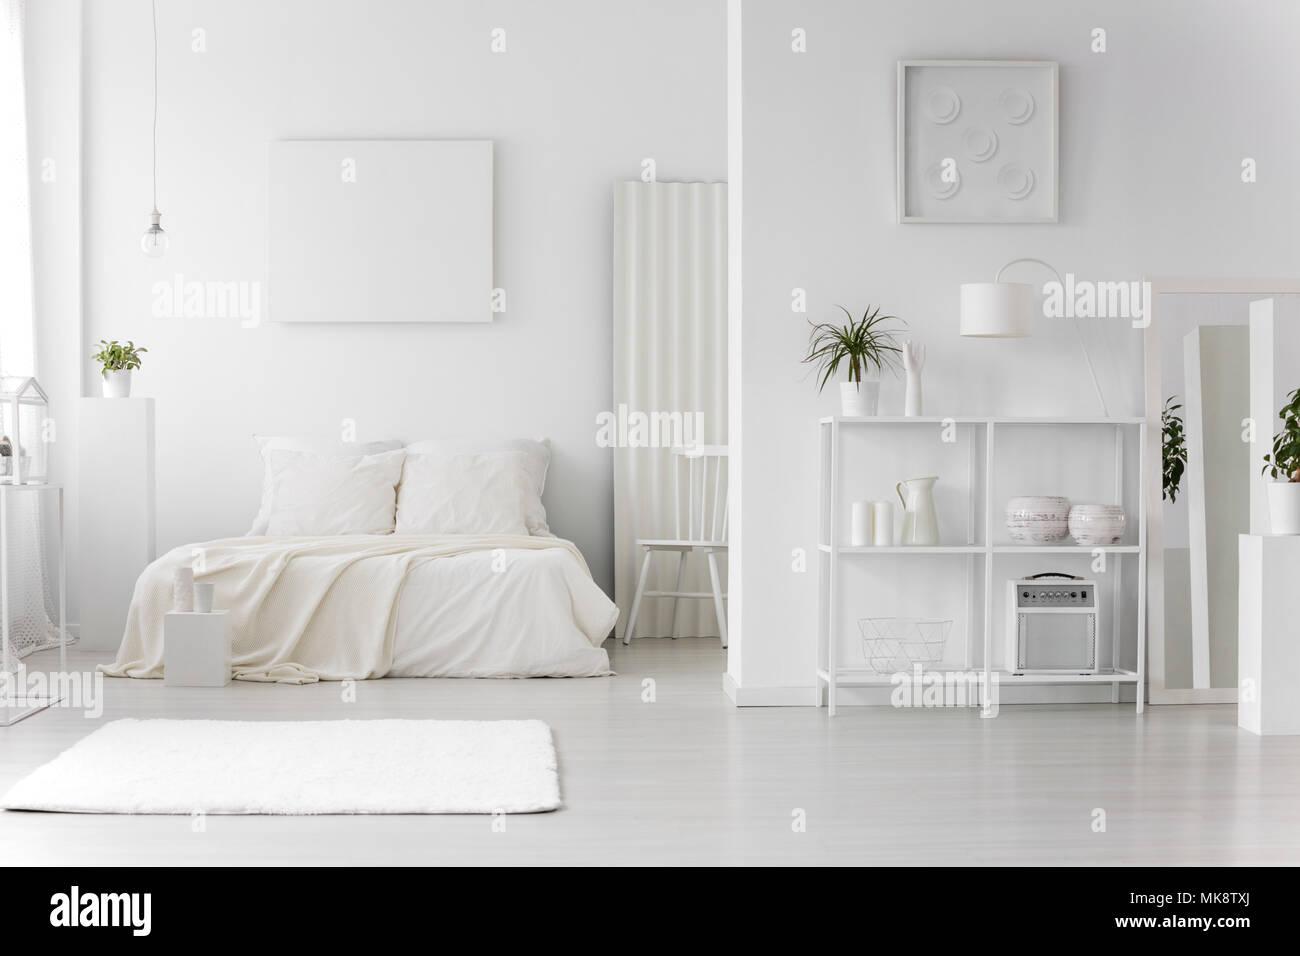 Wolldecke in minimalen weißen Schlafzimmer Innenraum mit leeren ...